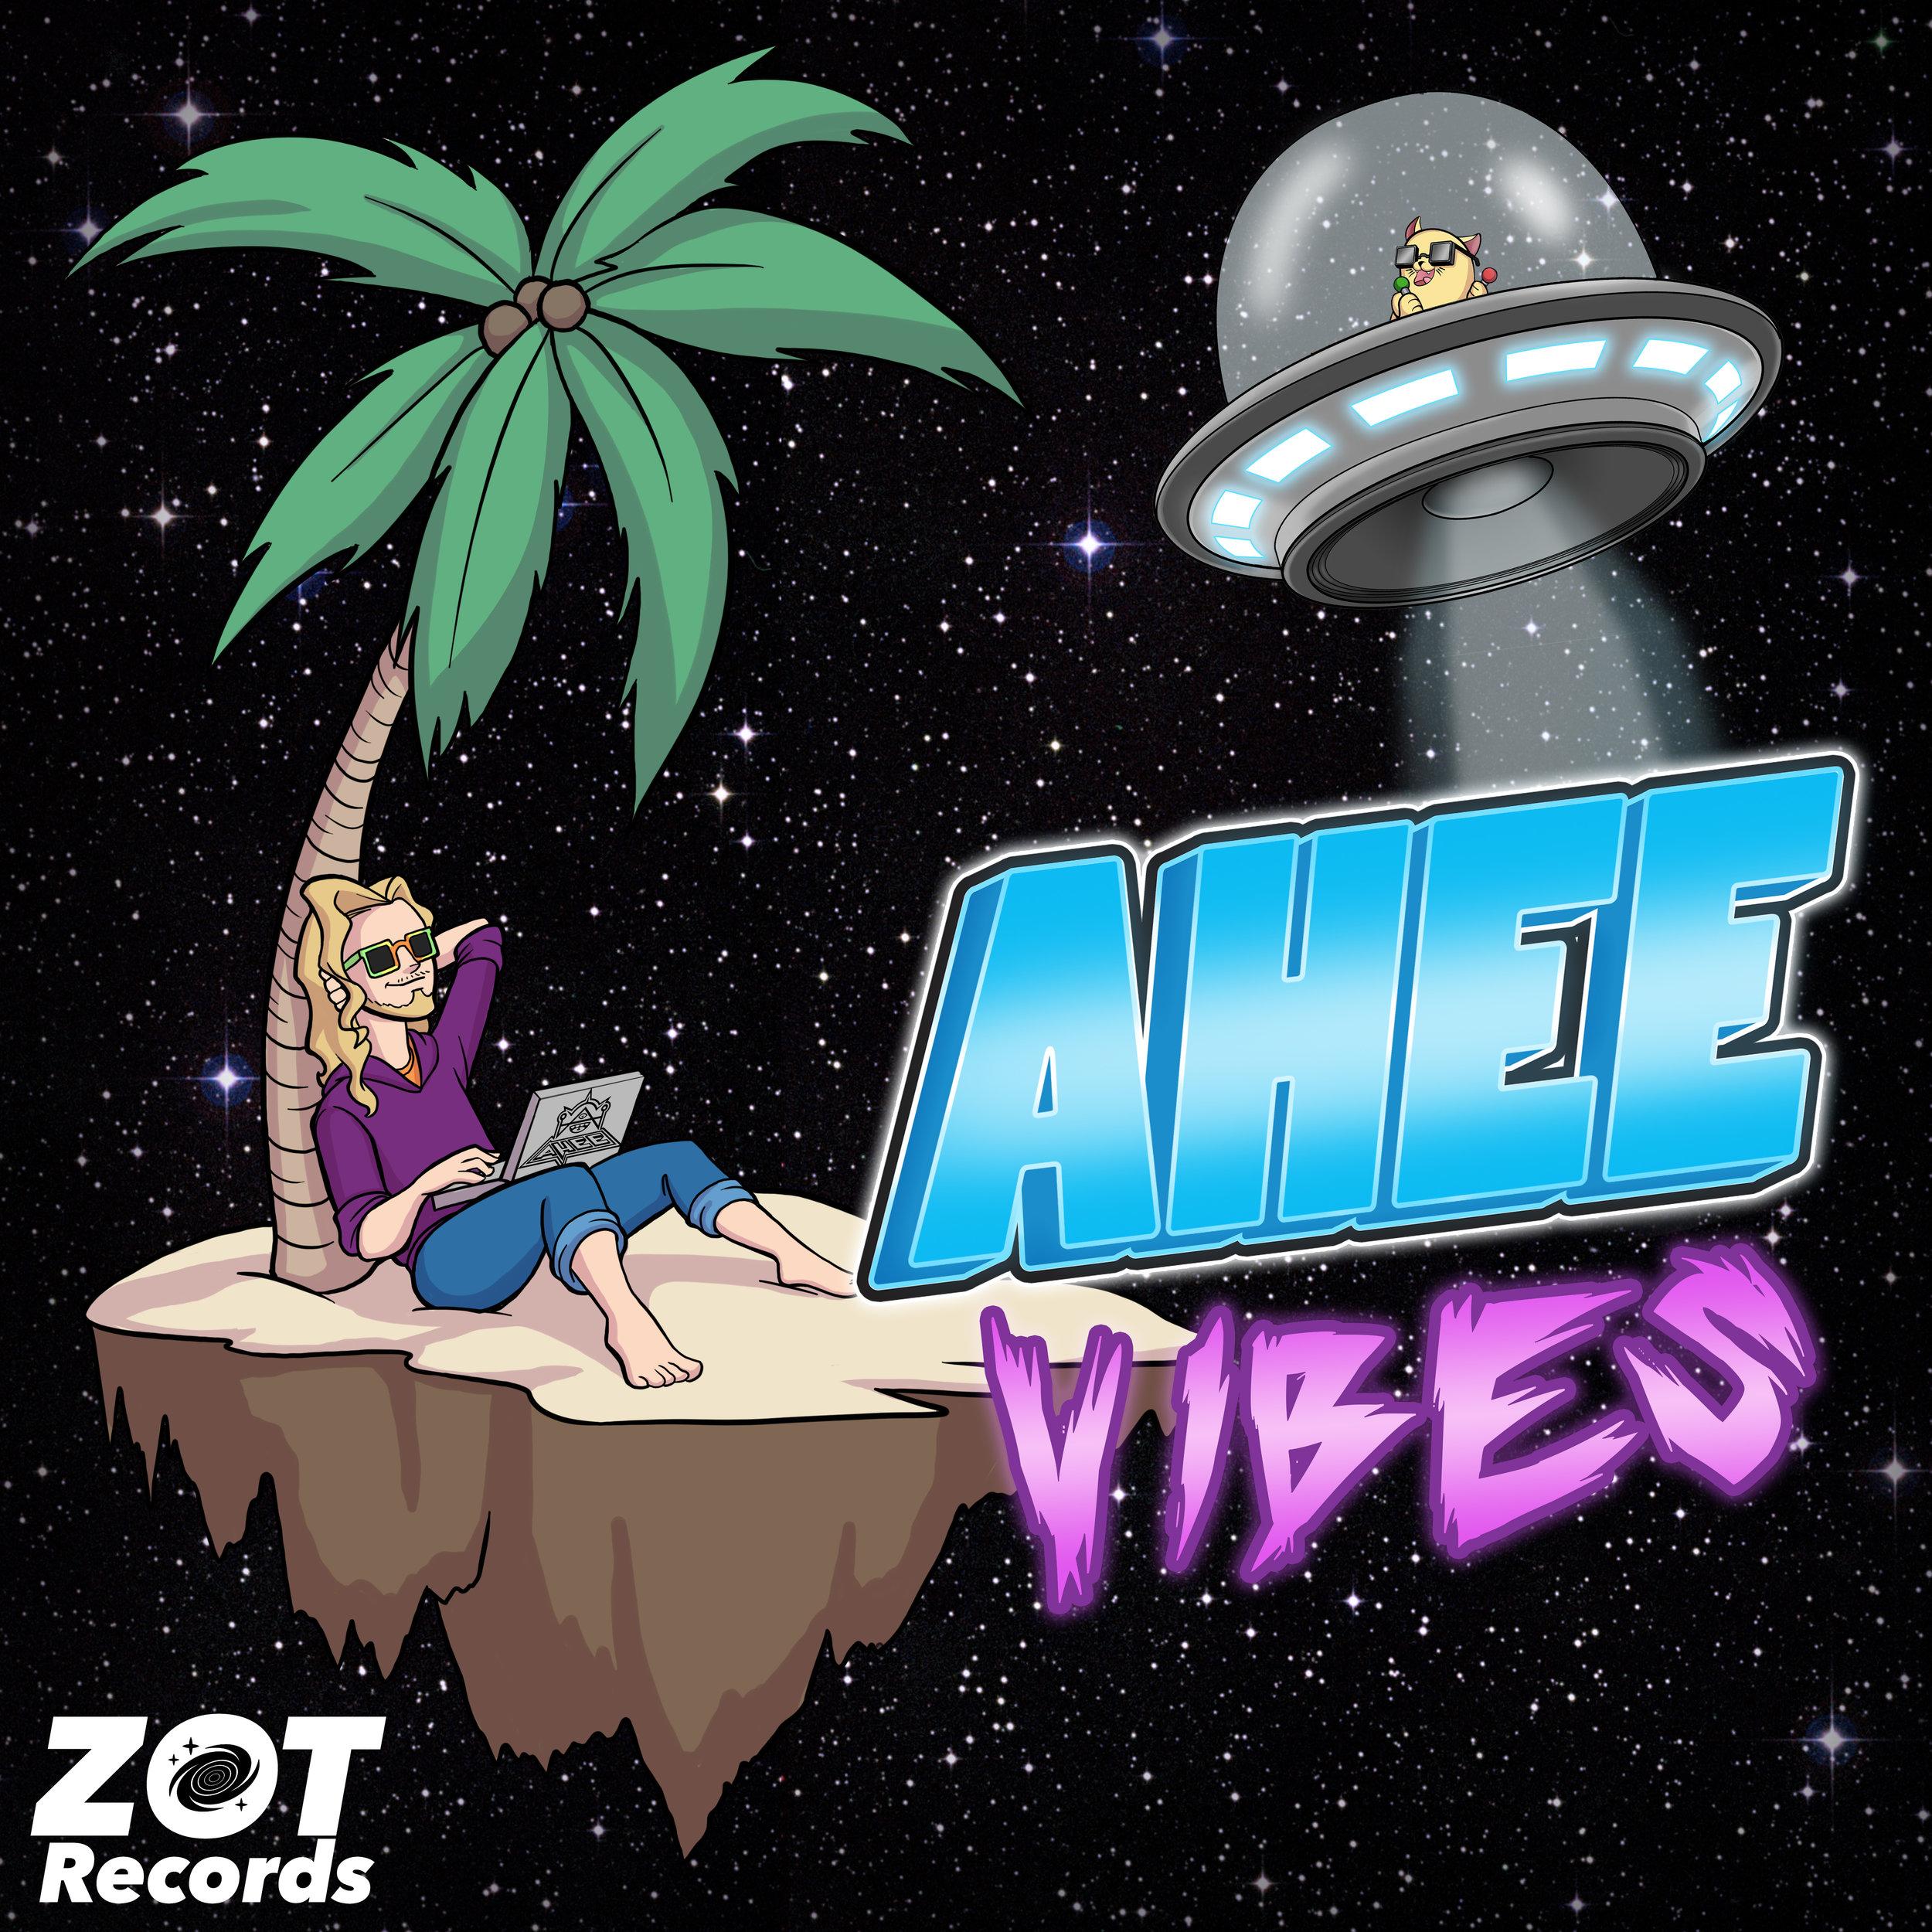 AHEE - Vibes - Album Art.jpg